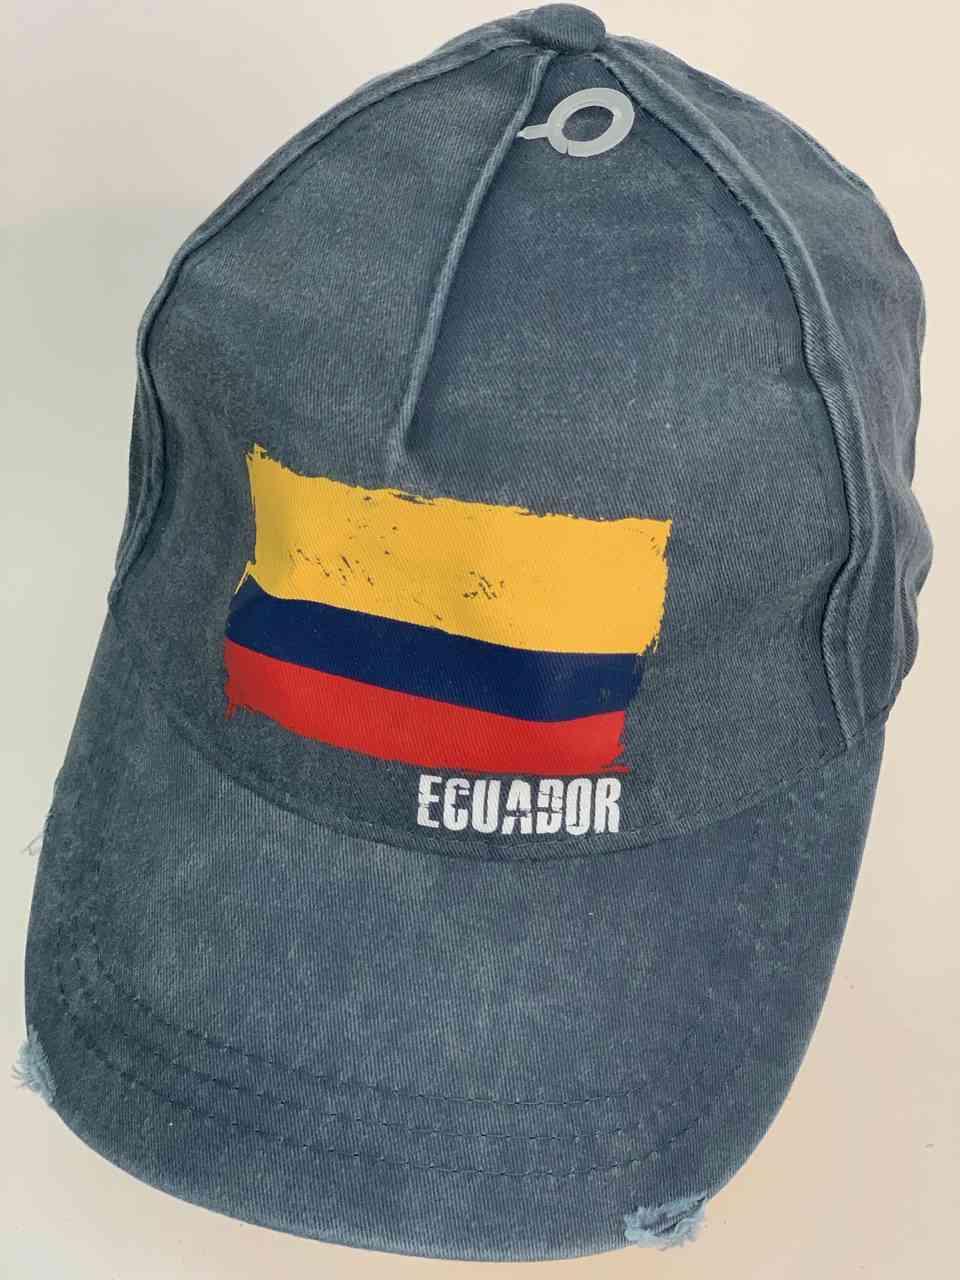 Бейсболка с флагом Эквадора